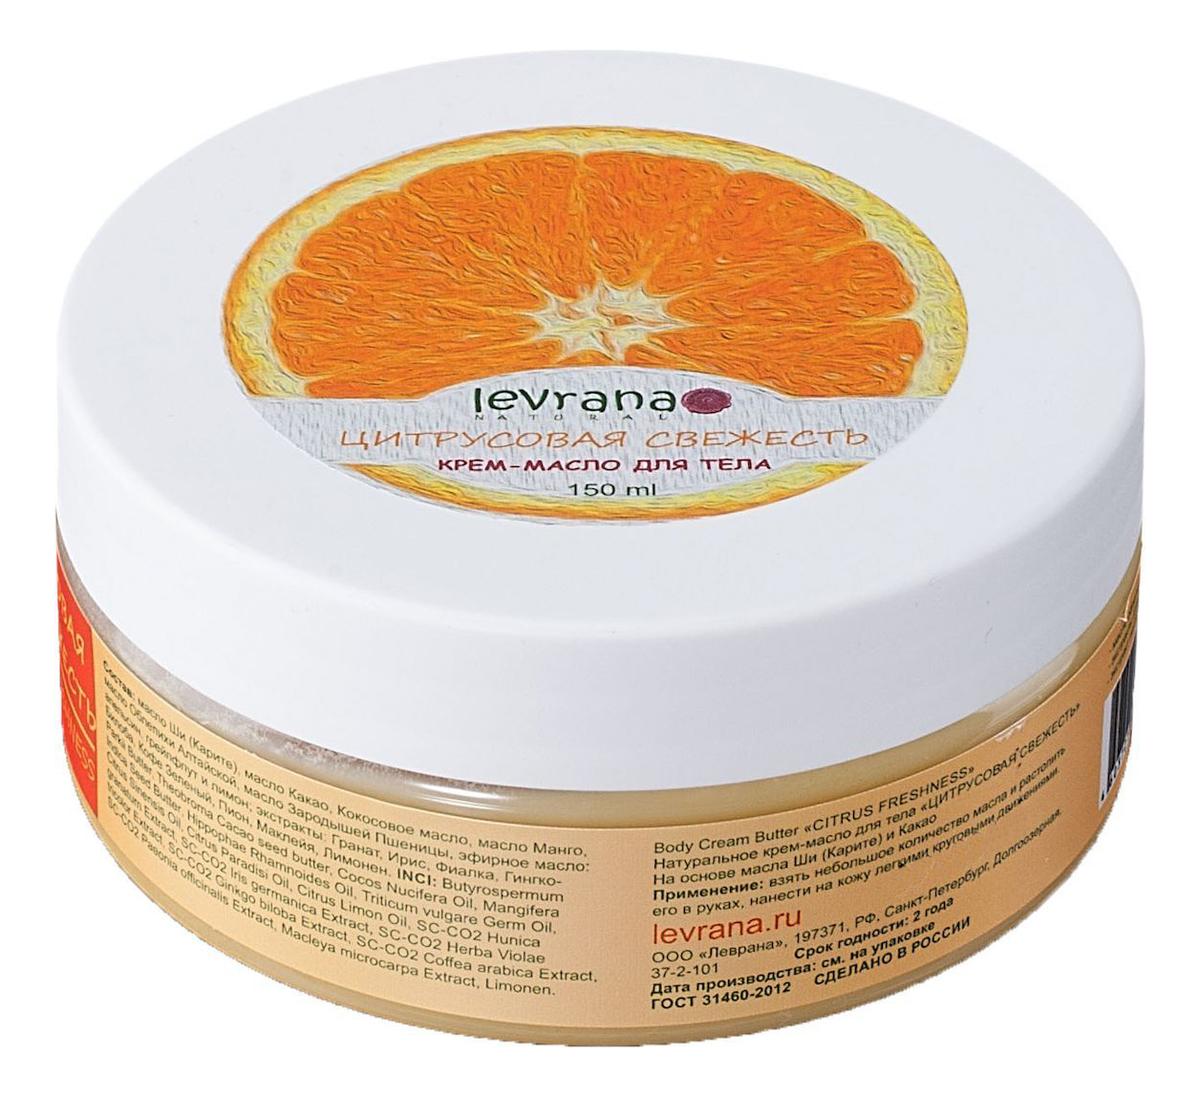 Купить Крем-масло для тела Цитрусовая свежесть Citrus Freshness Body Cream Butter 150мл, Levrana